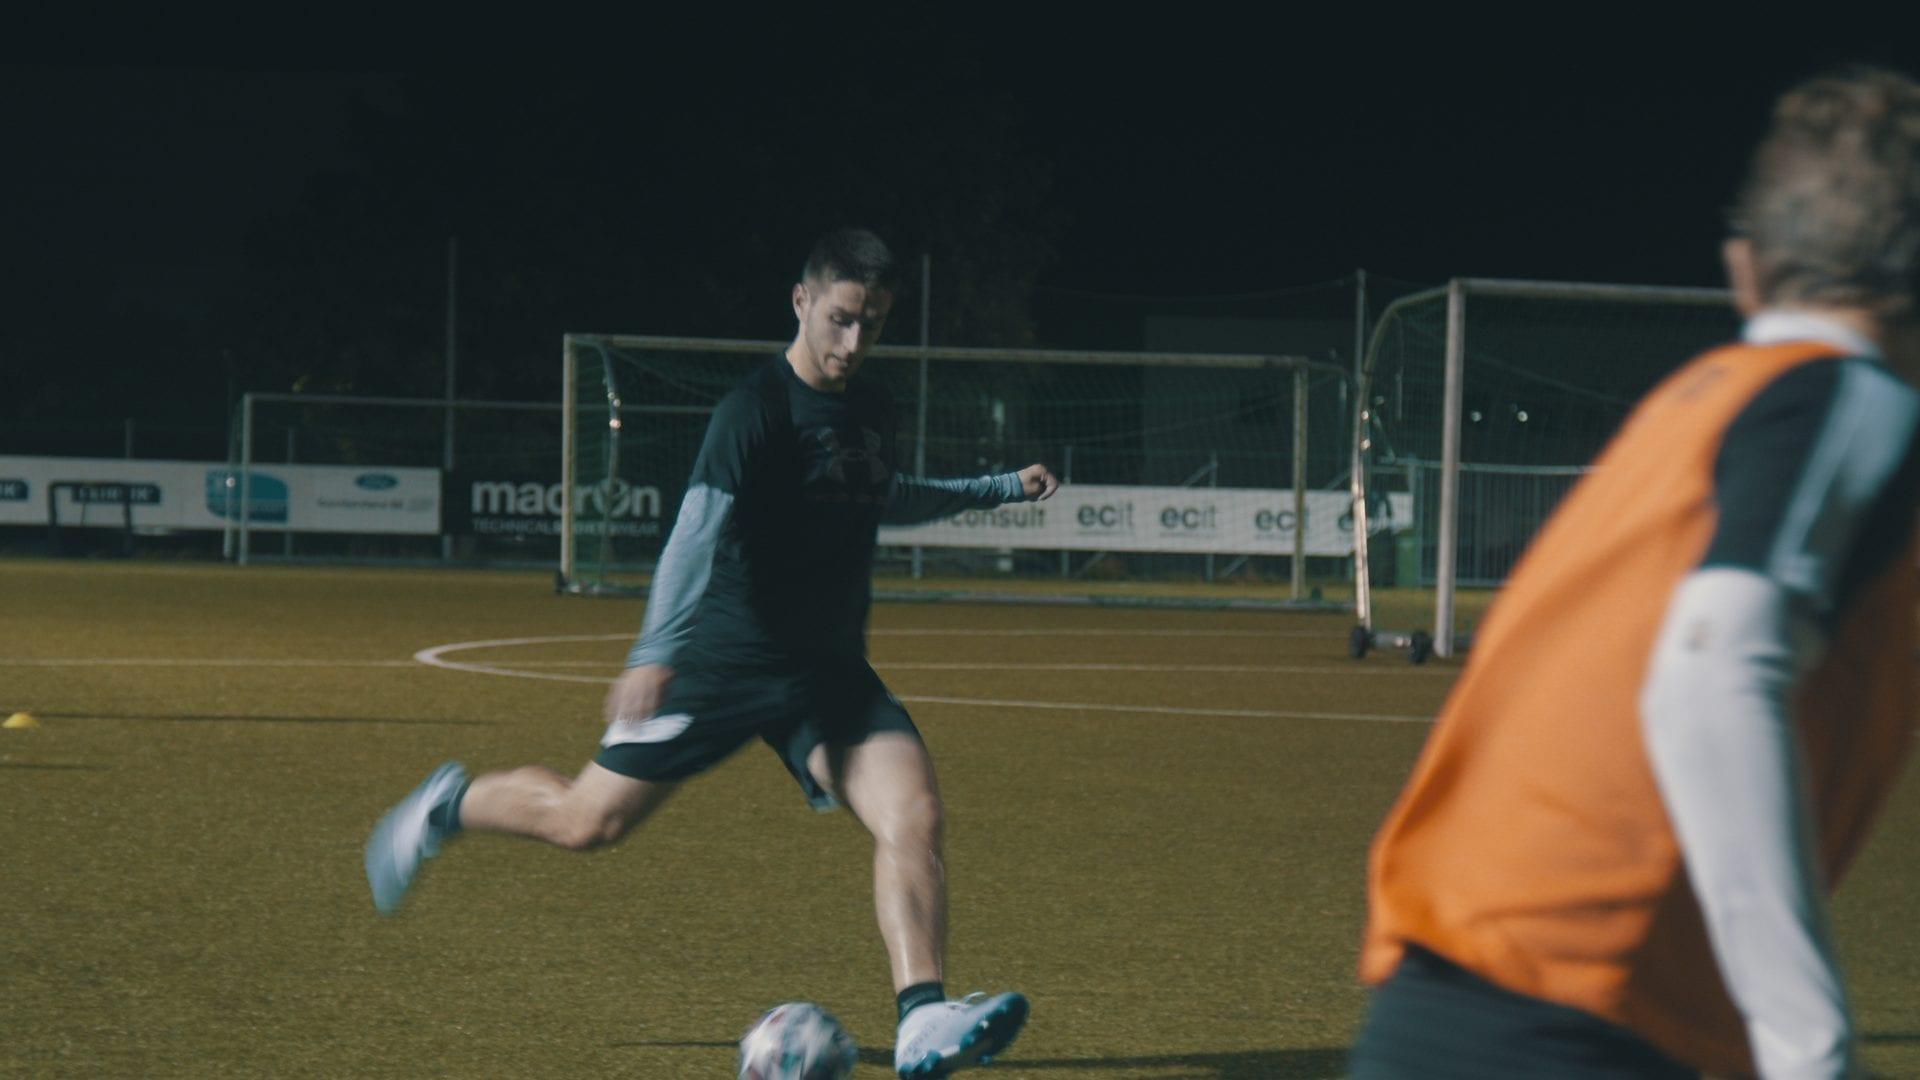 Fotball utendørs på kveldstid